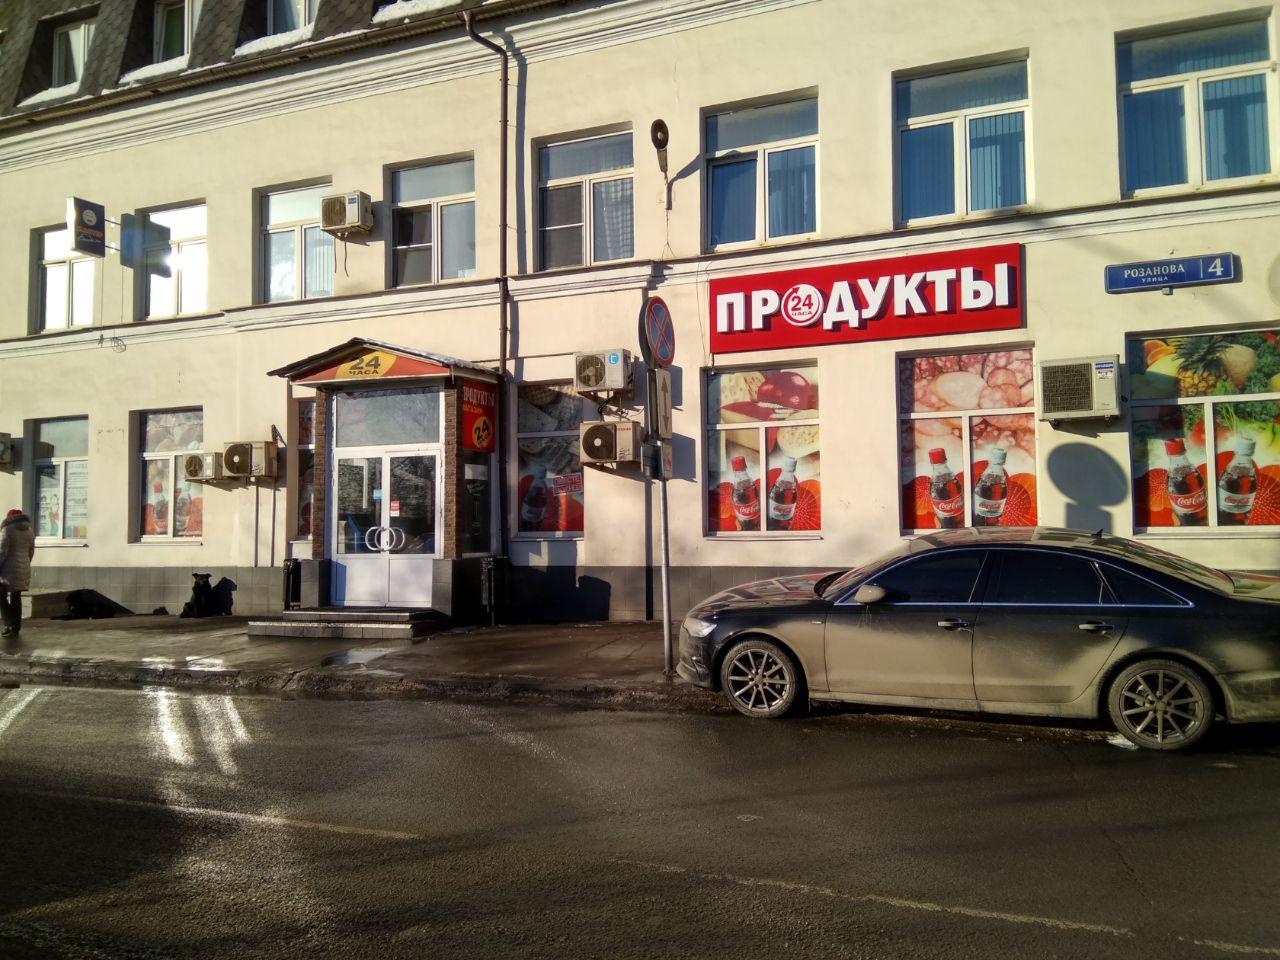 аренда помещений в БЦ на ул. Розанова, 4